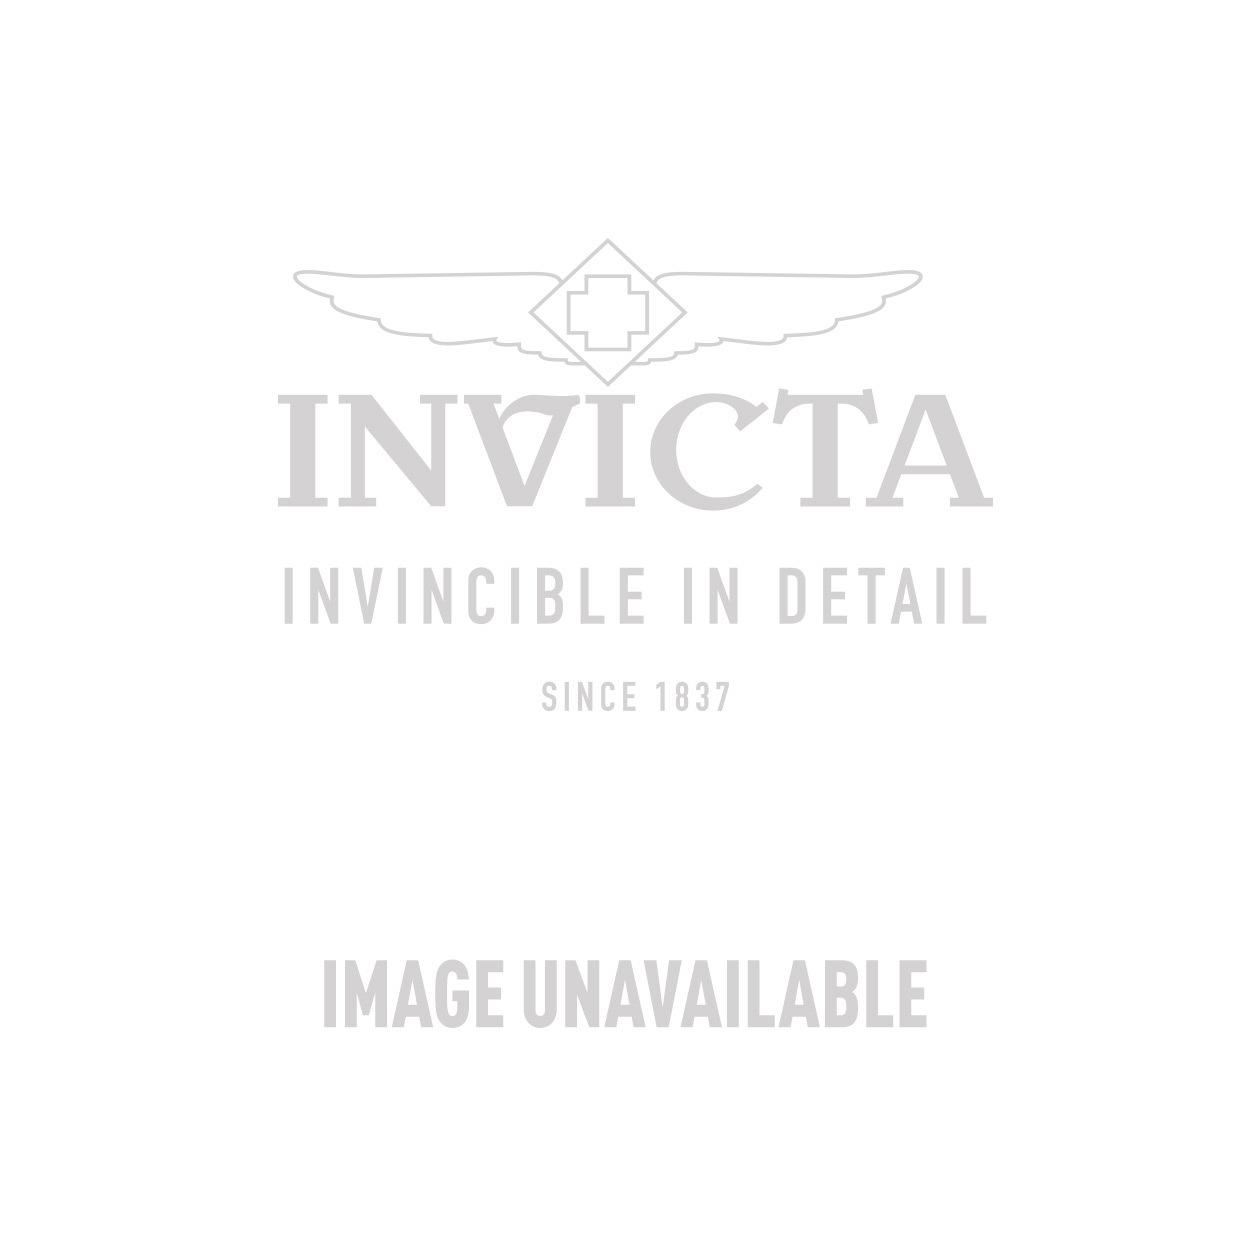 Invicta Model 24707